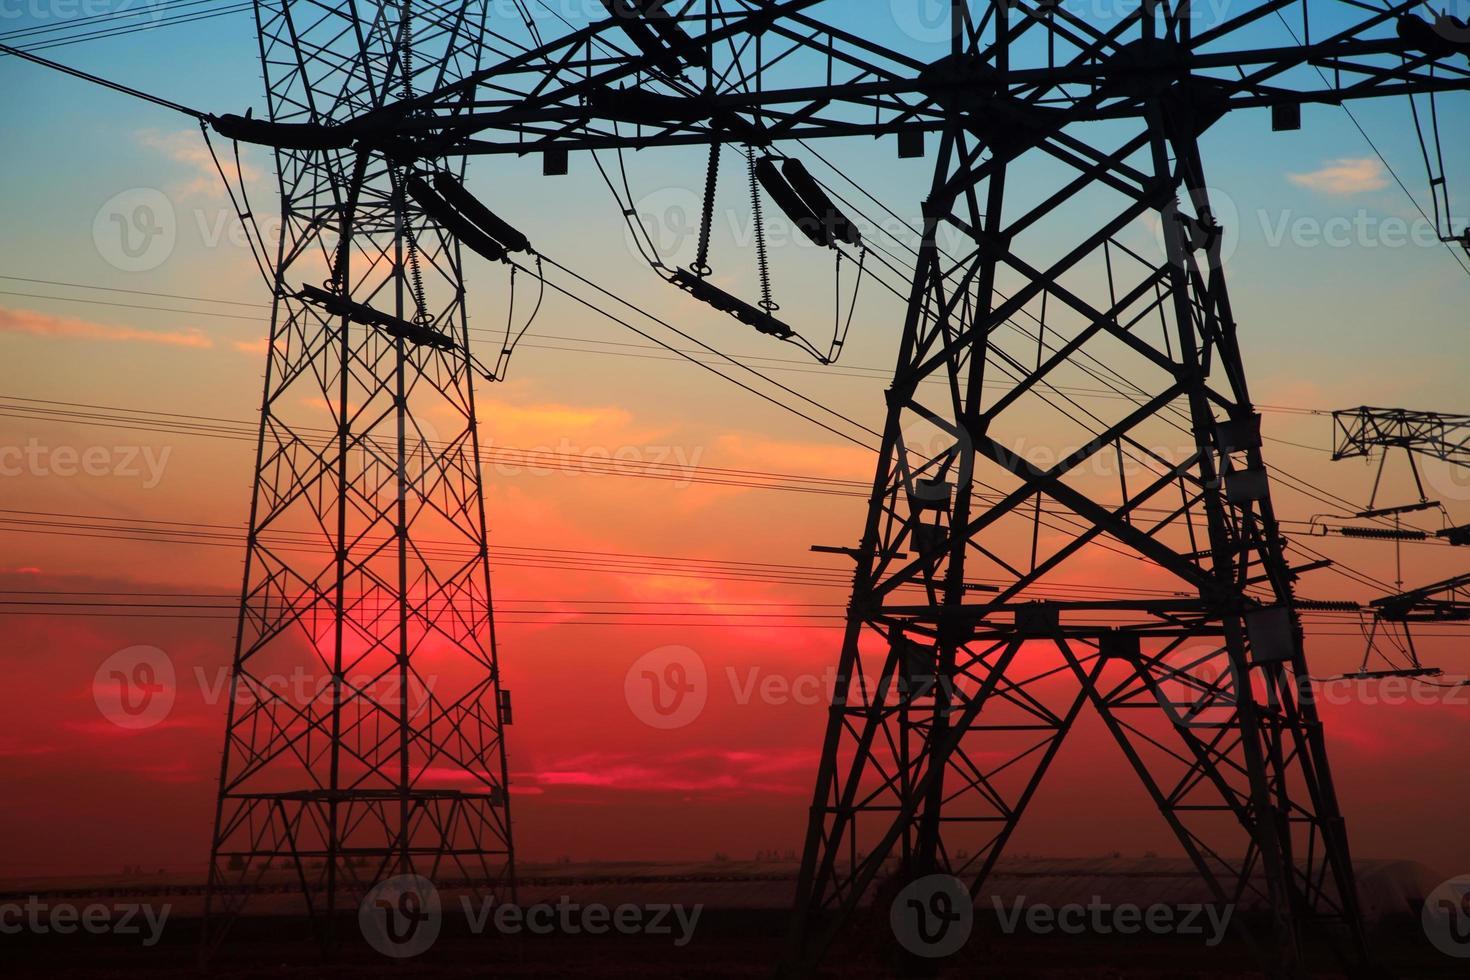 la silhouette du pylône de transmission électrique du soir photo